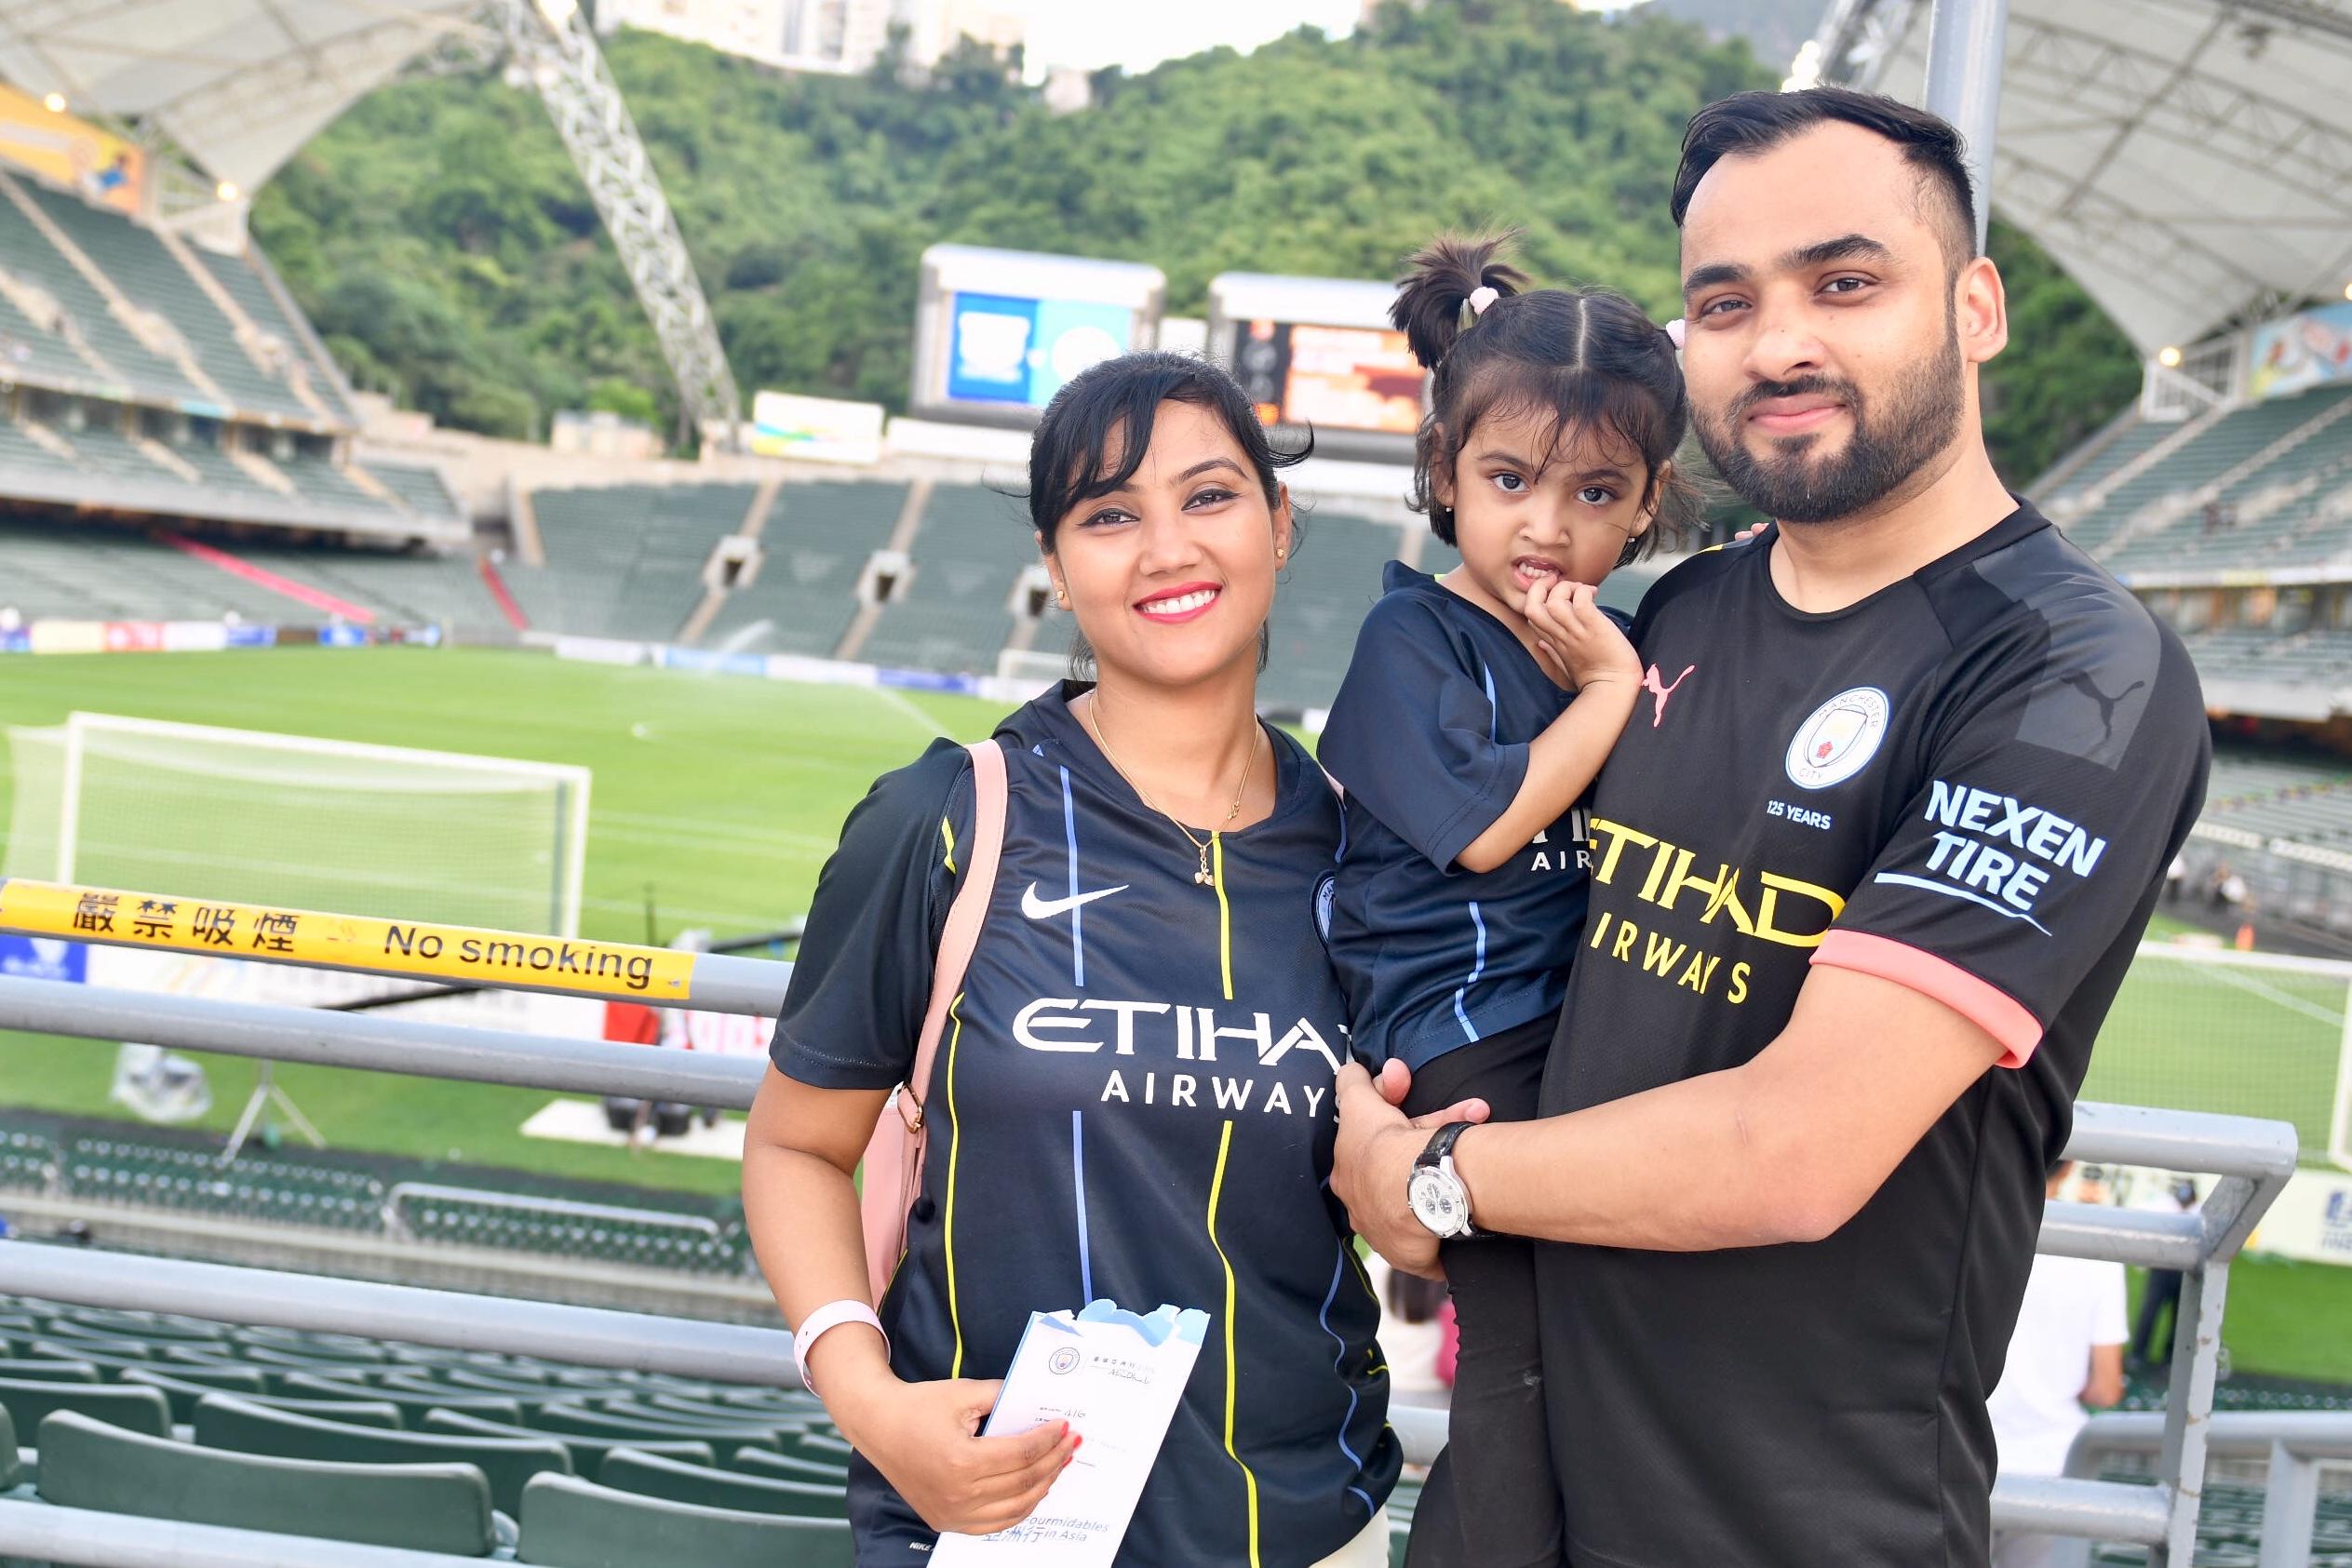 印度球迷專程來港欣賞球賽,大讚香港舉辦大型體育活動經驗豐富。梁柏琛攝